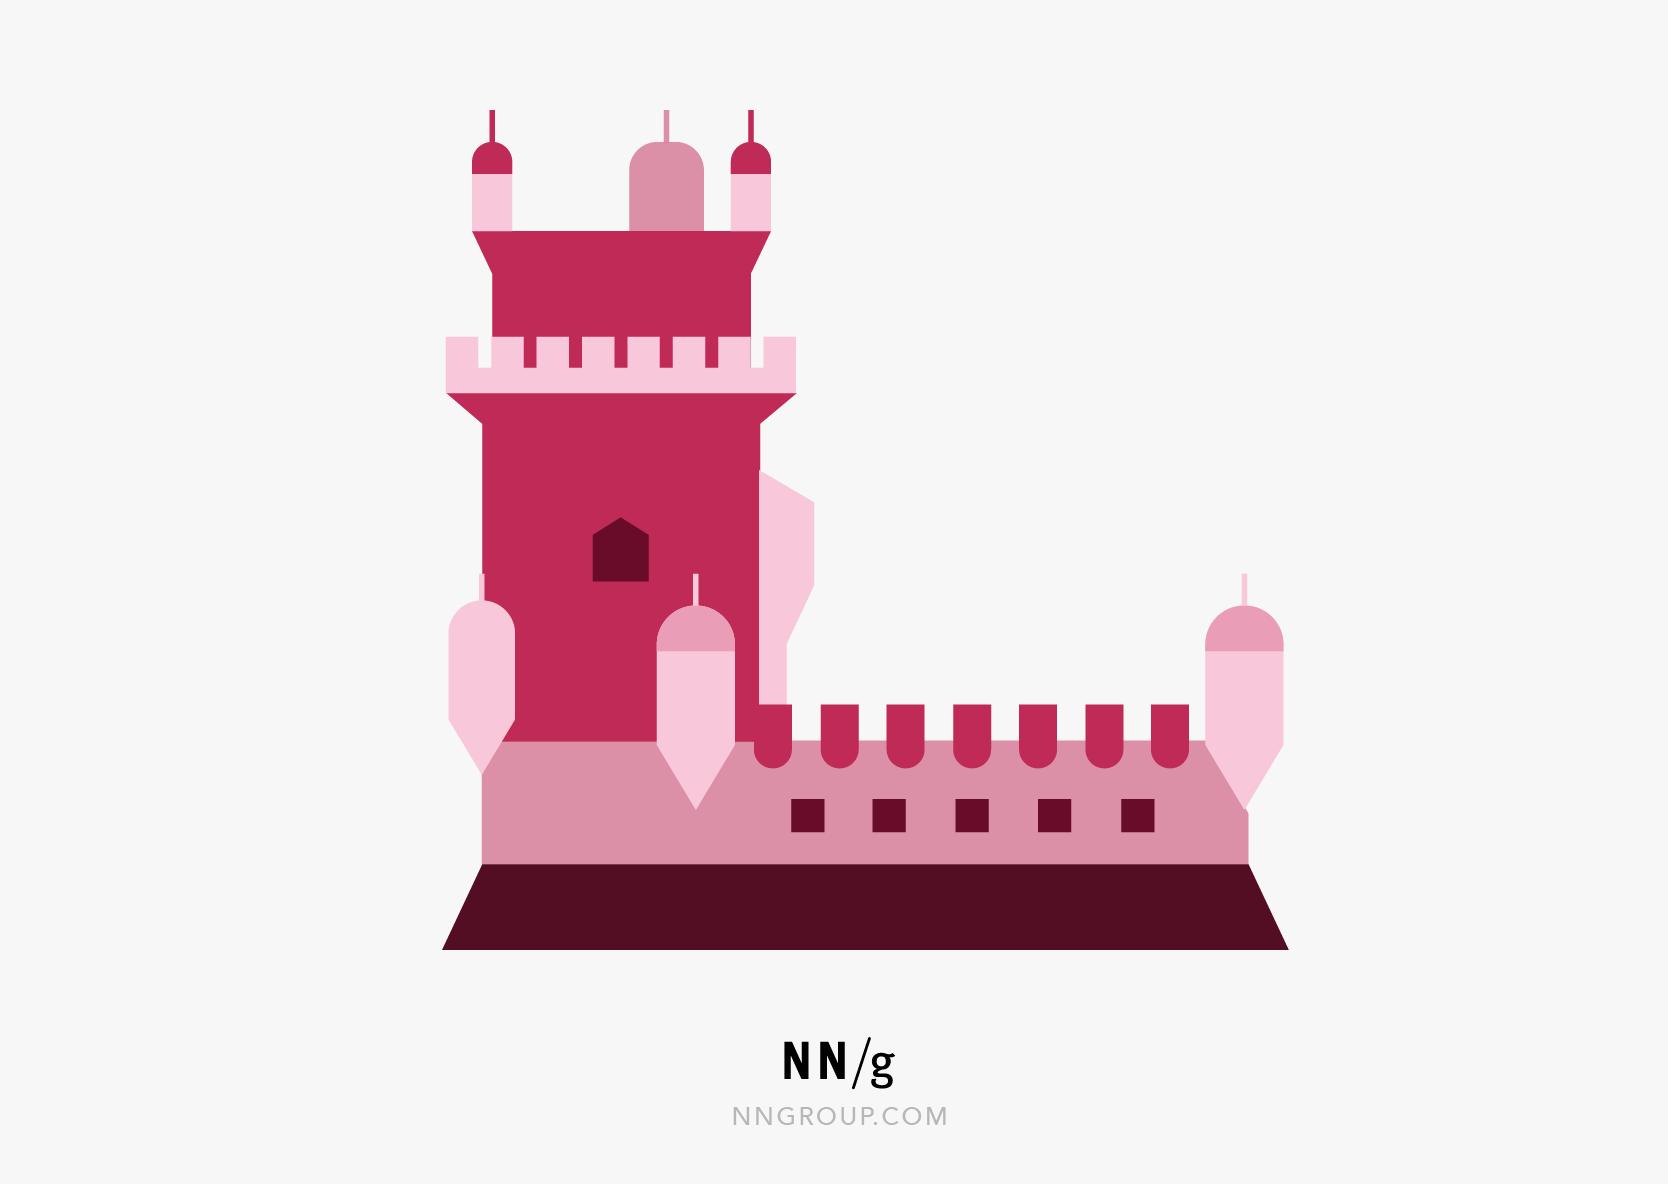 可用性启发式#6:代表里斯本的城堡。人们更容易听到资本并将其放置在国家,而不是彻底地称之为资本。